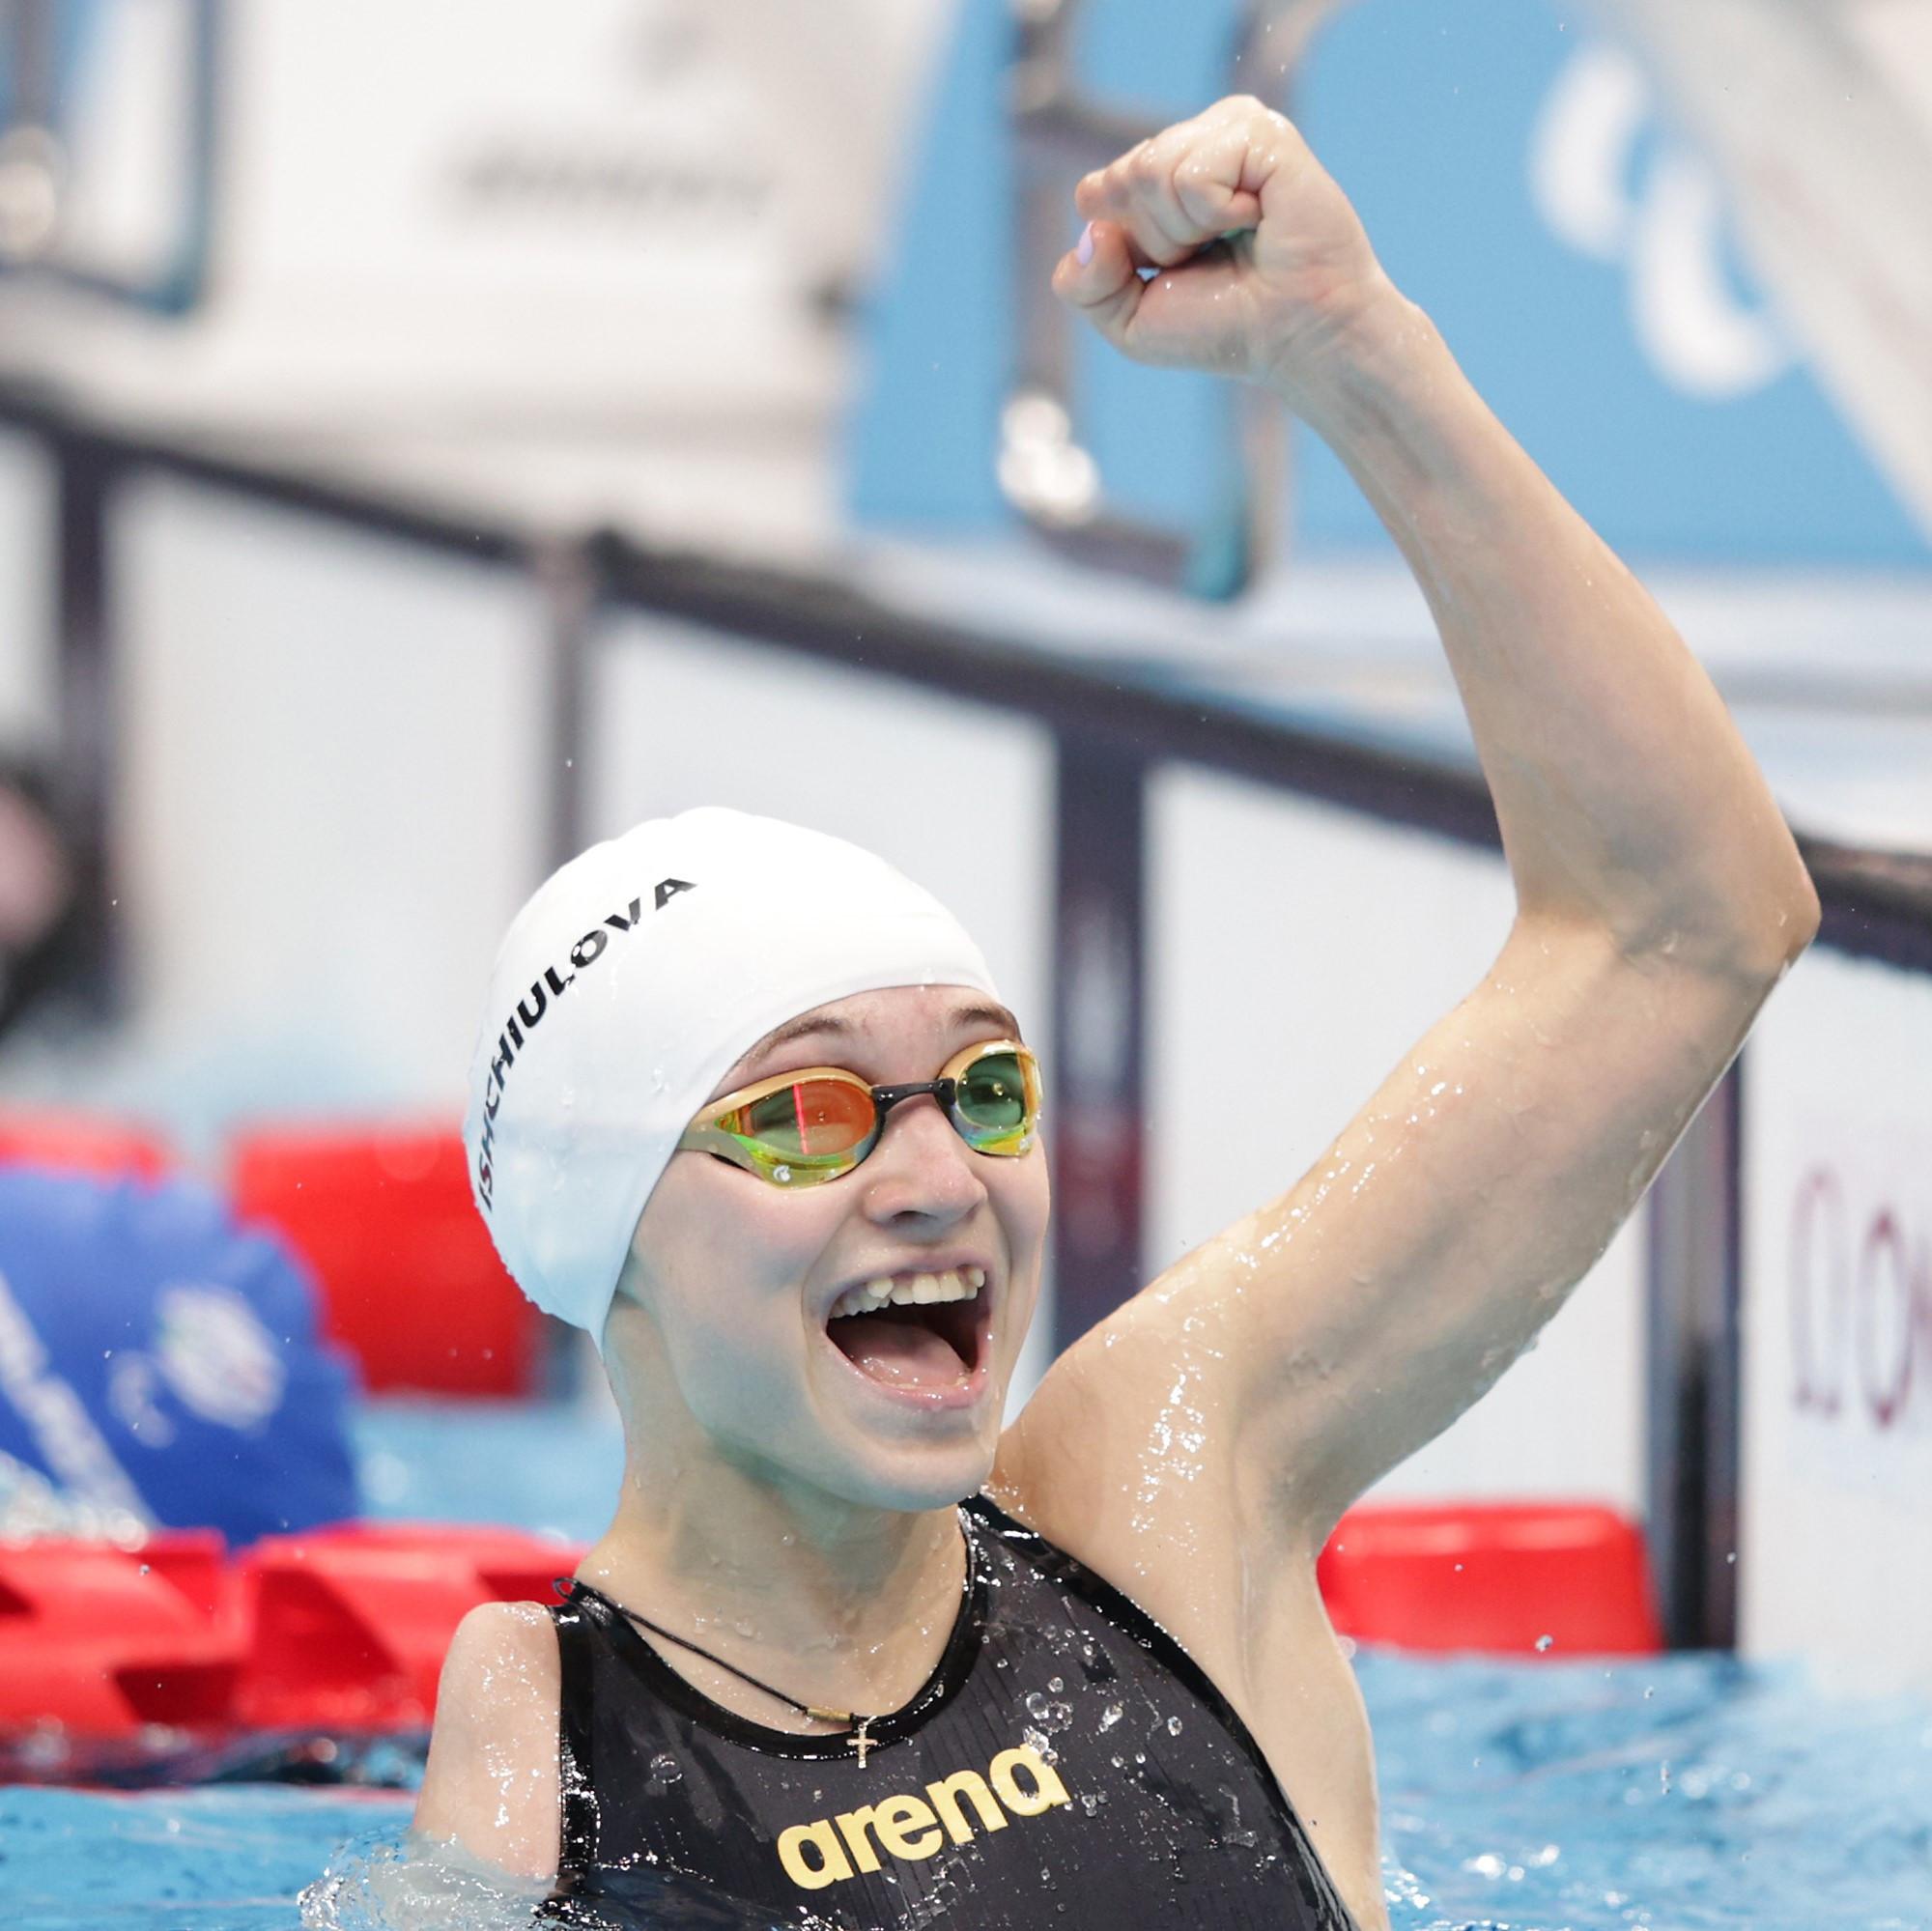 Viktoriia Ishchiulova